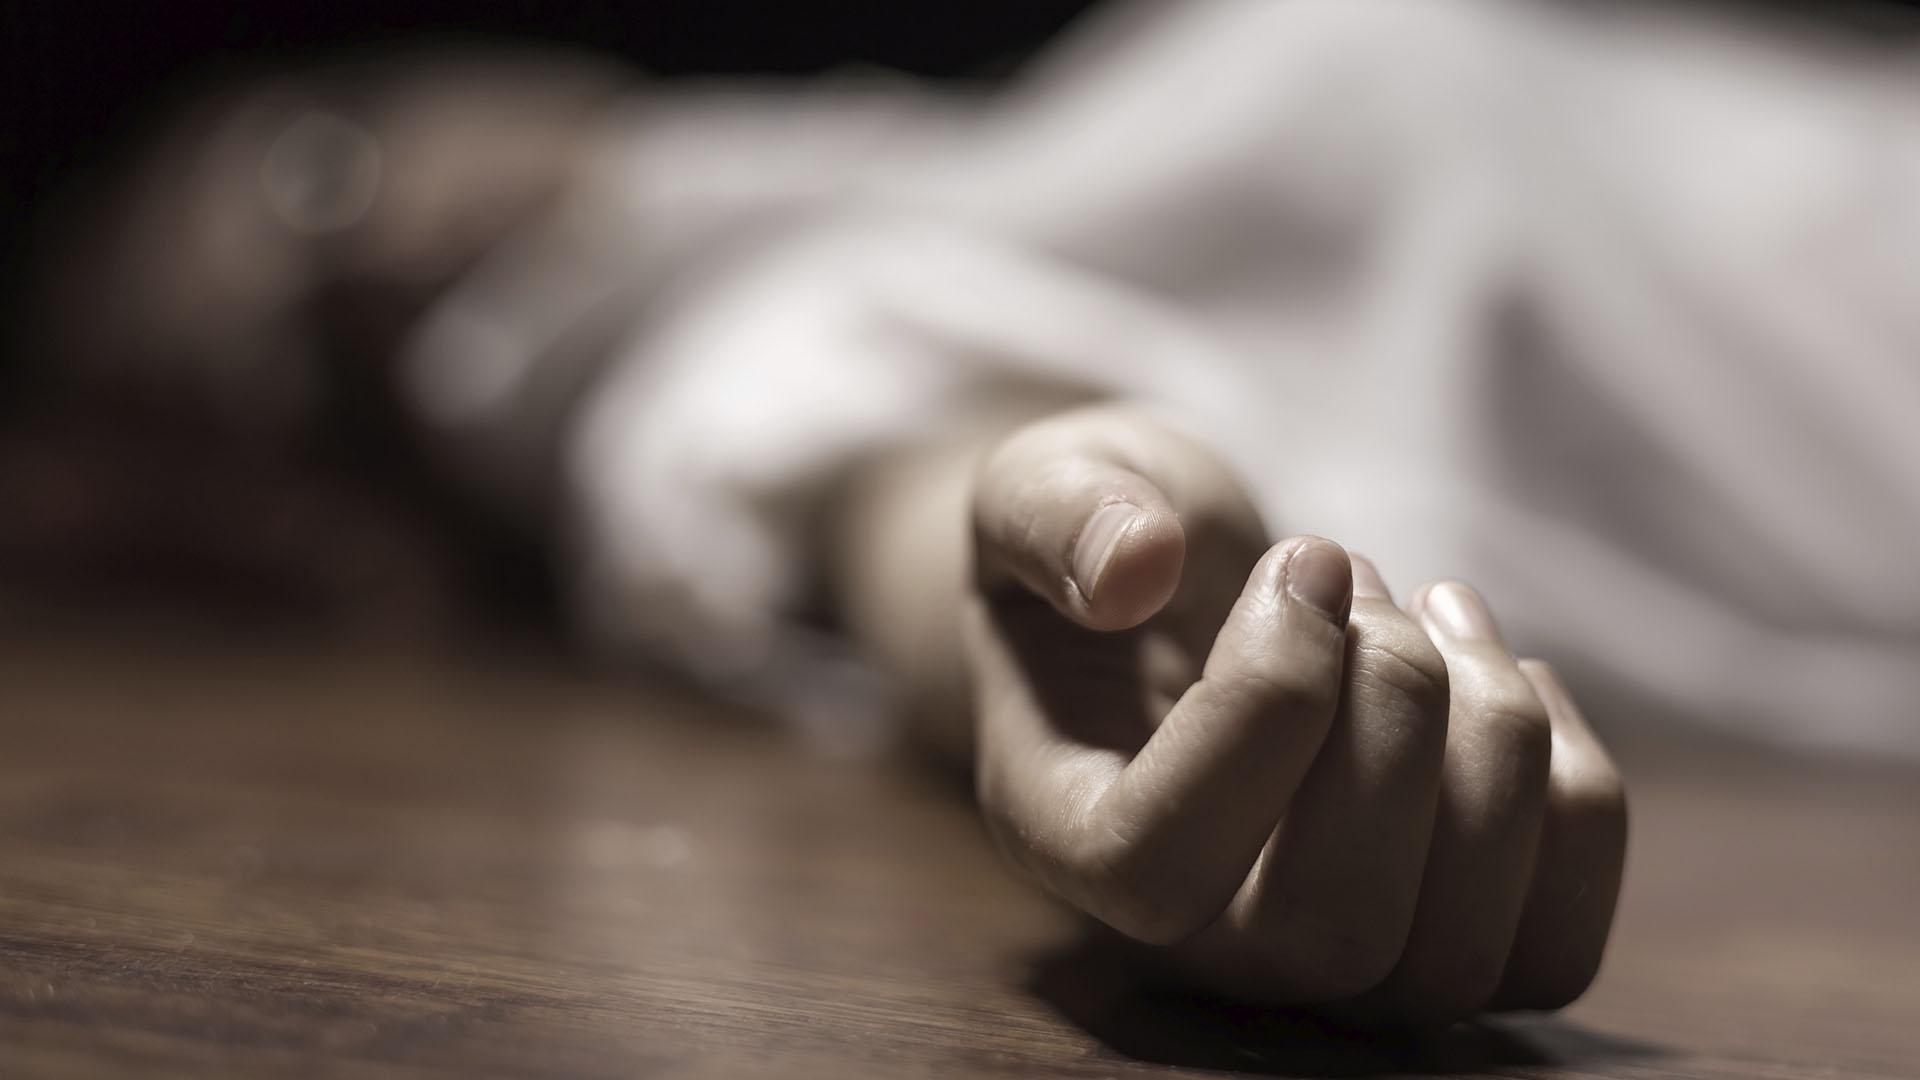 Al menos 43 femicidios han ocurrido en Venezuela en lo que va de 2021